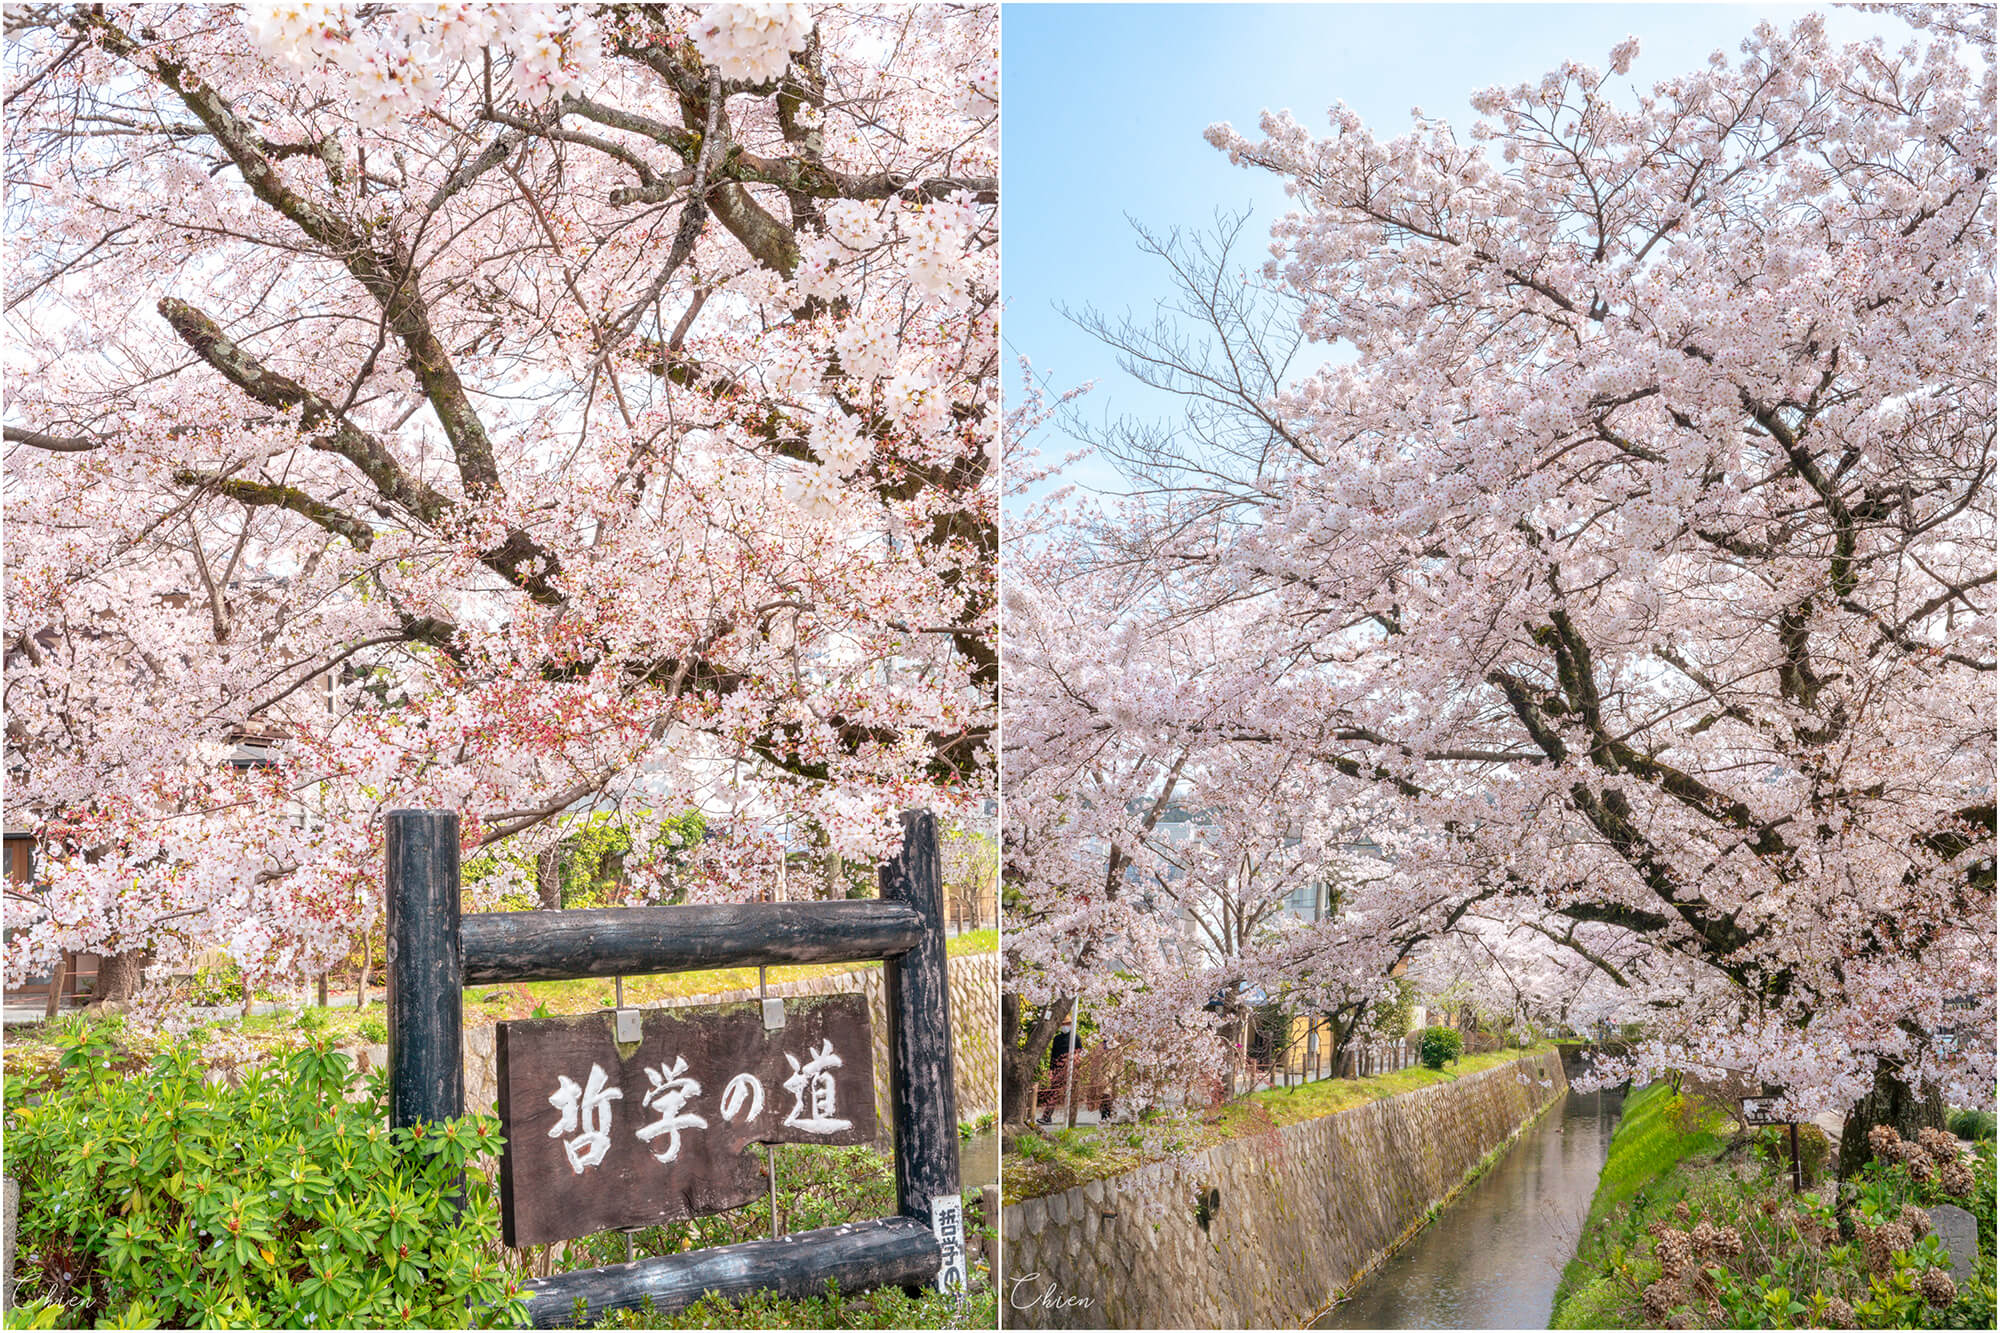 京都賞櫻景點 哲學之道櫻花滿開